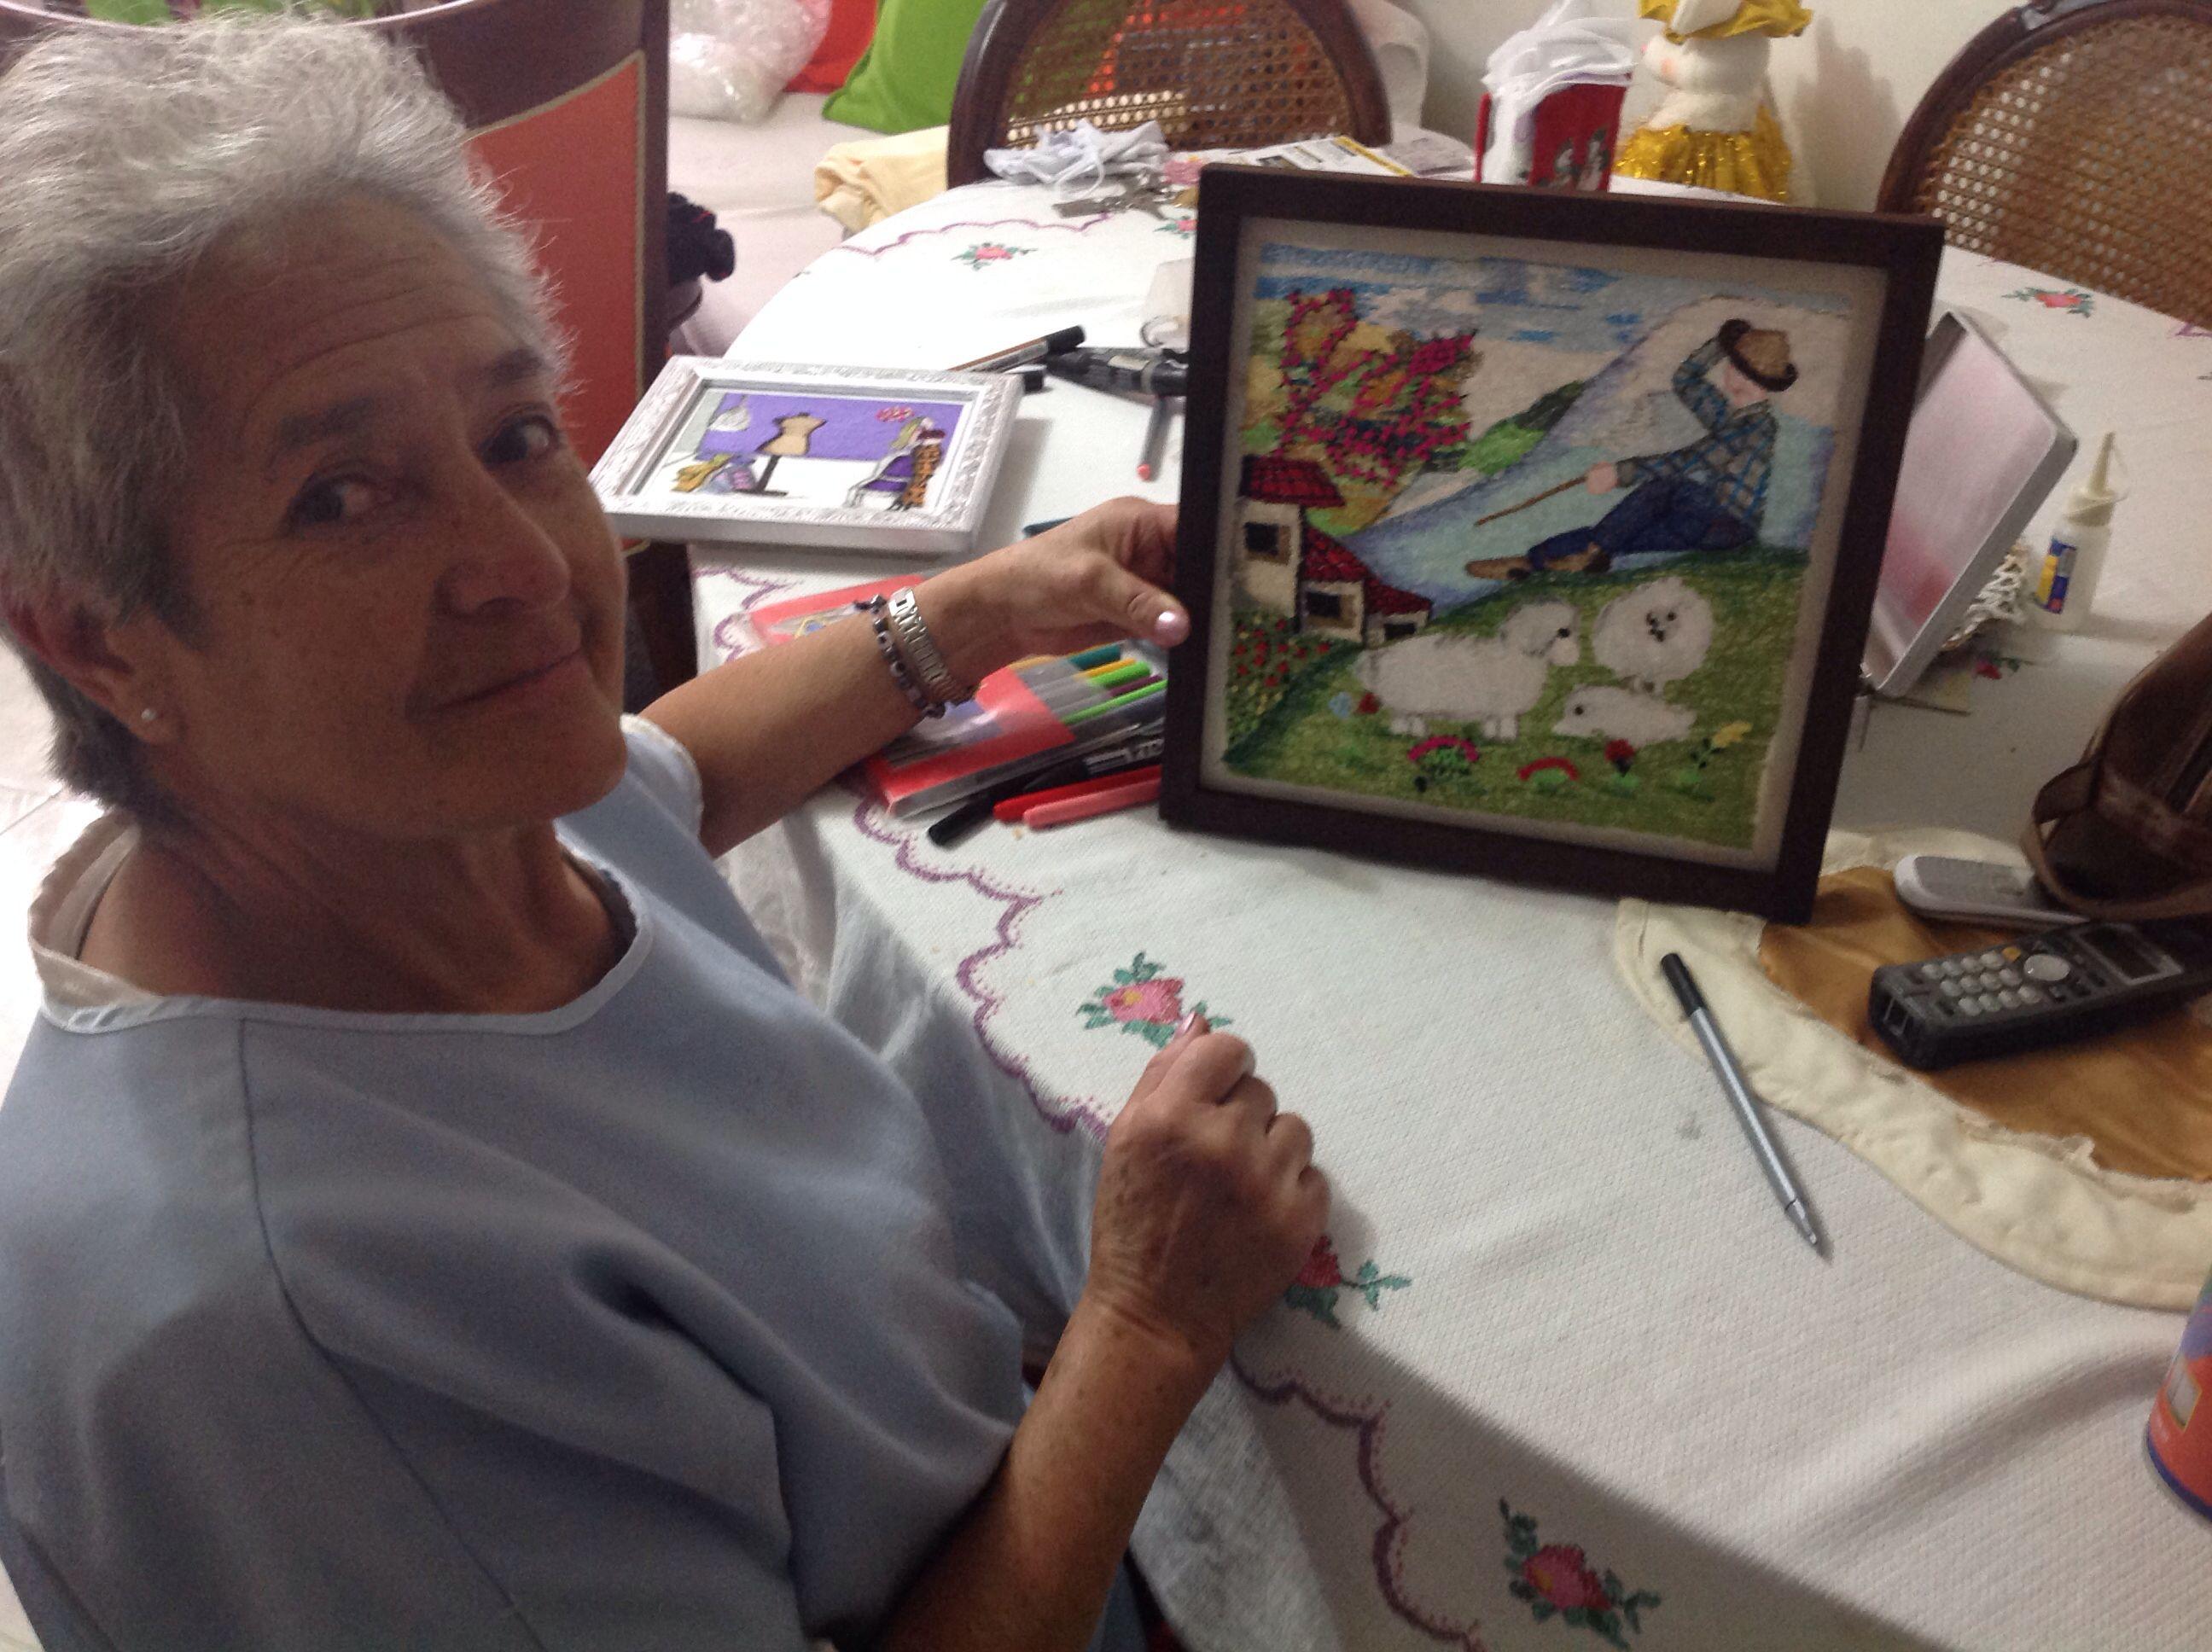 La artista ! Muahhhhh mi mamita hermosa!